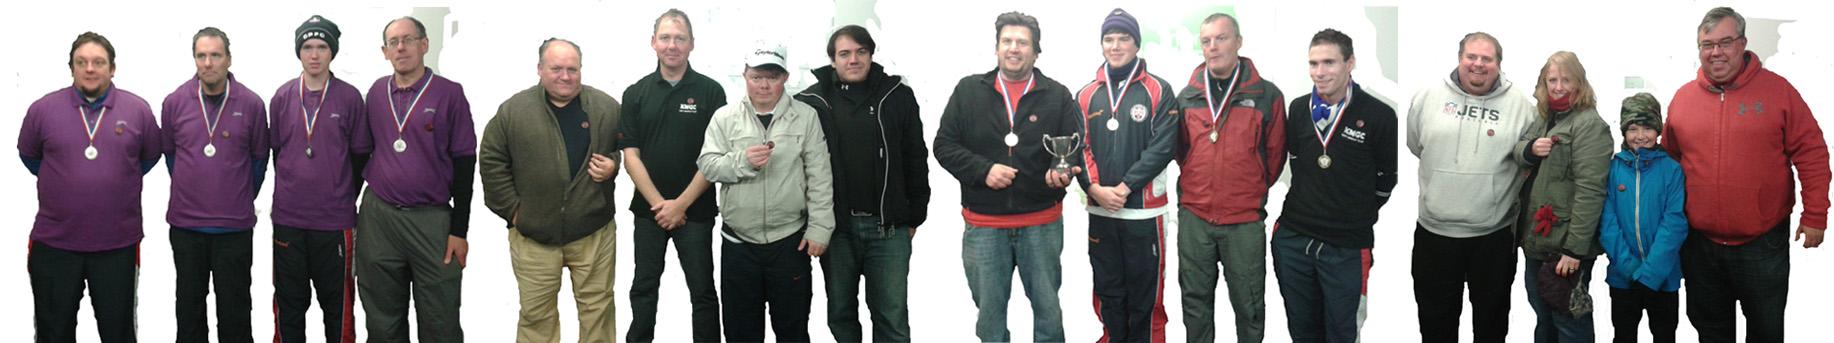 Kent Minigolf Club squad 2013